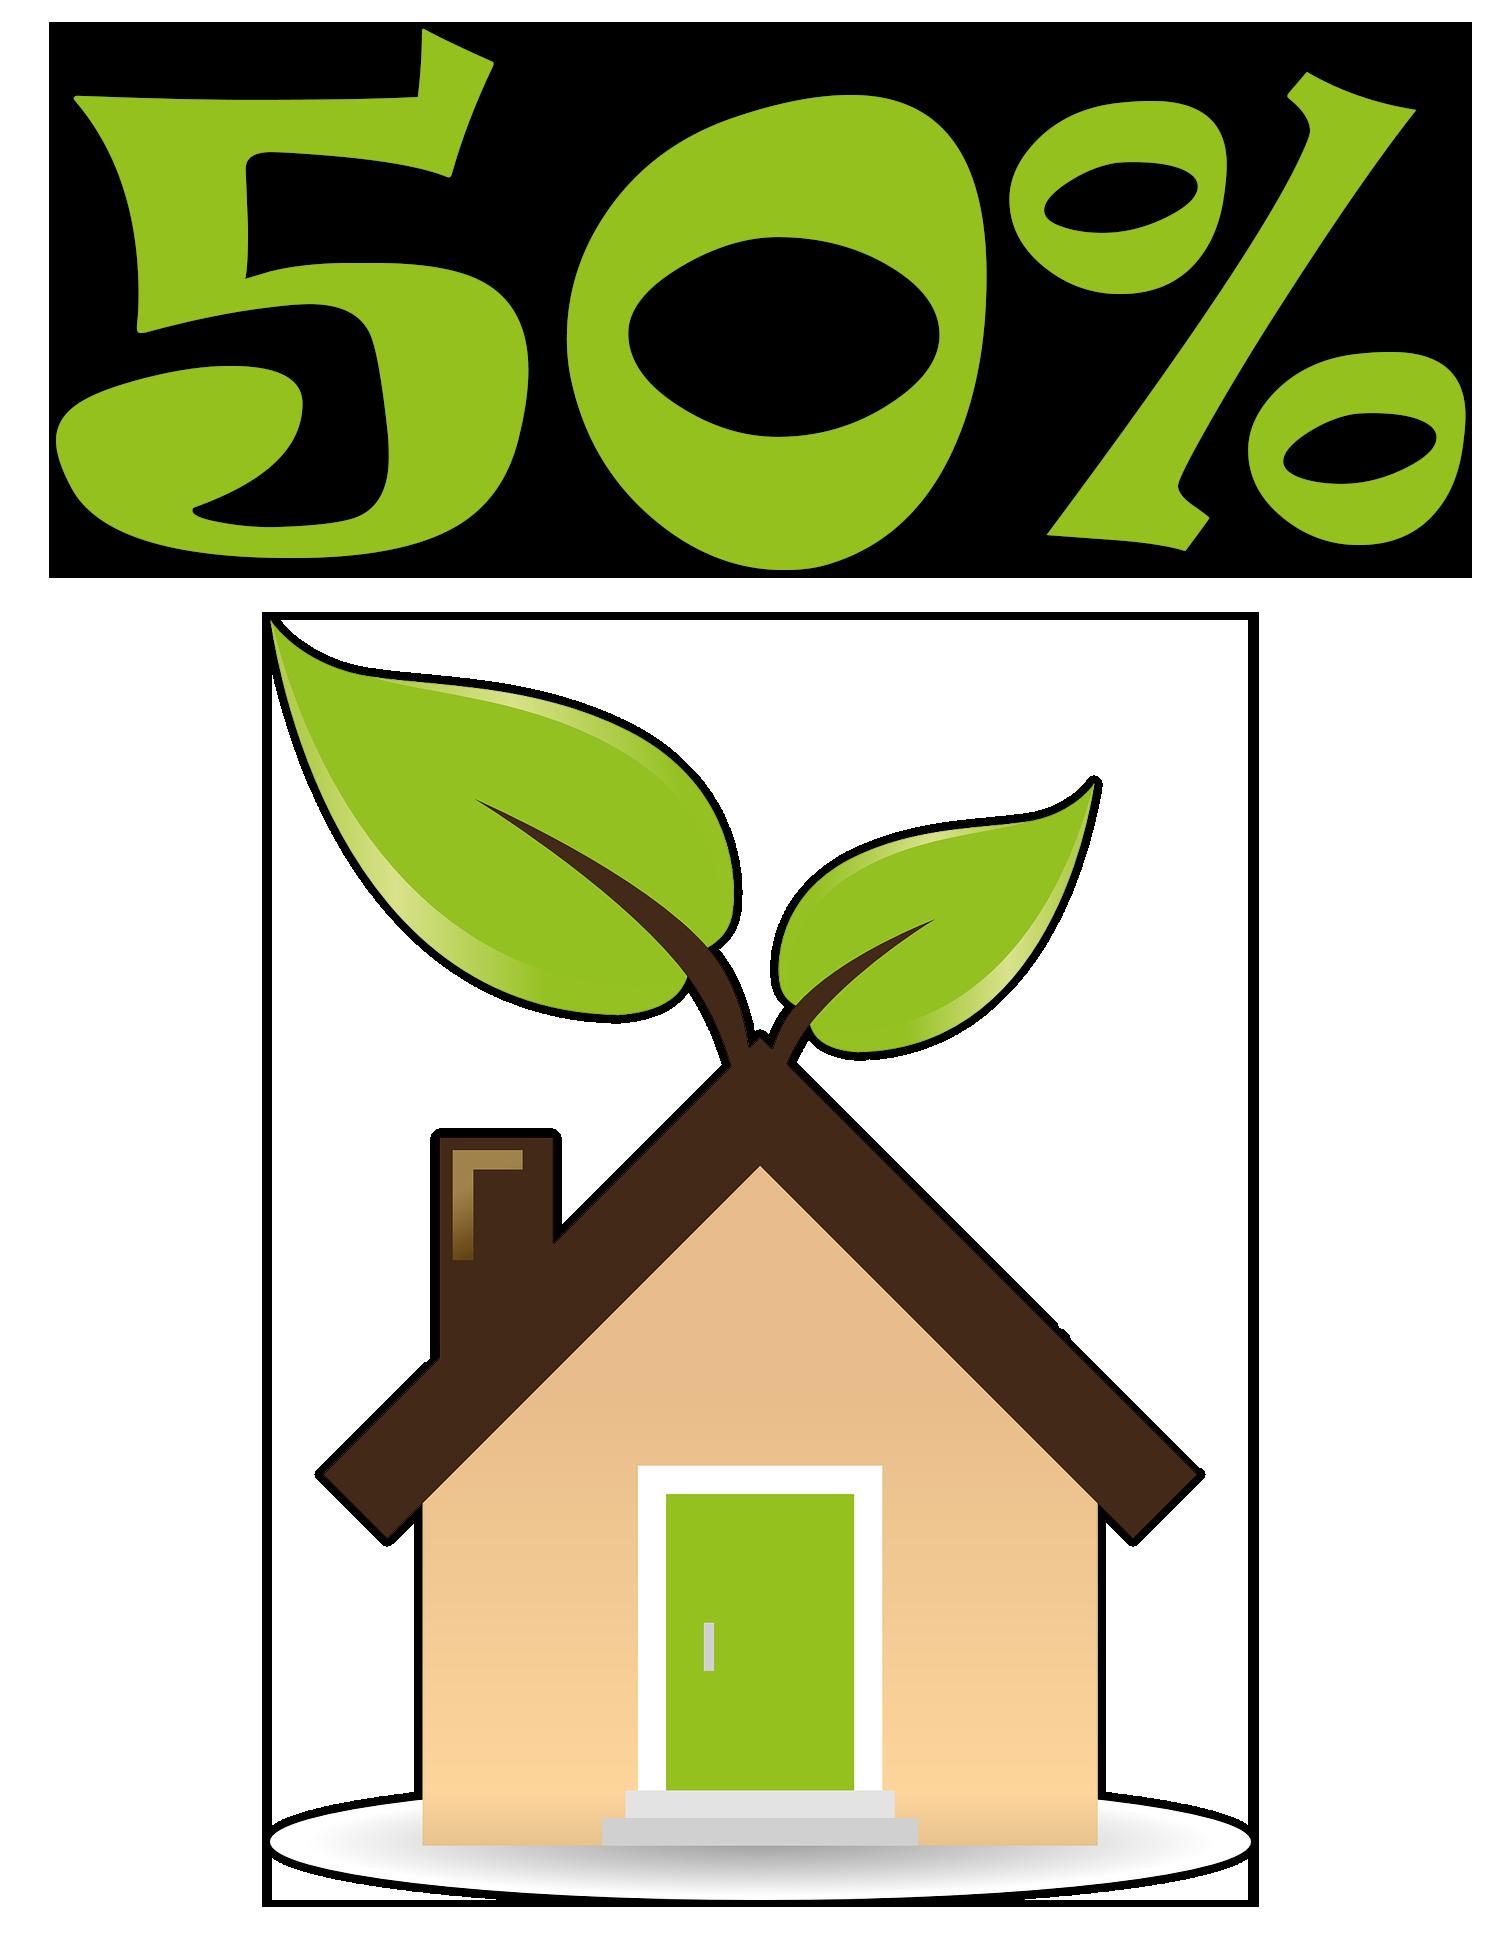 detrazioni 50%